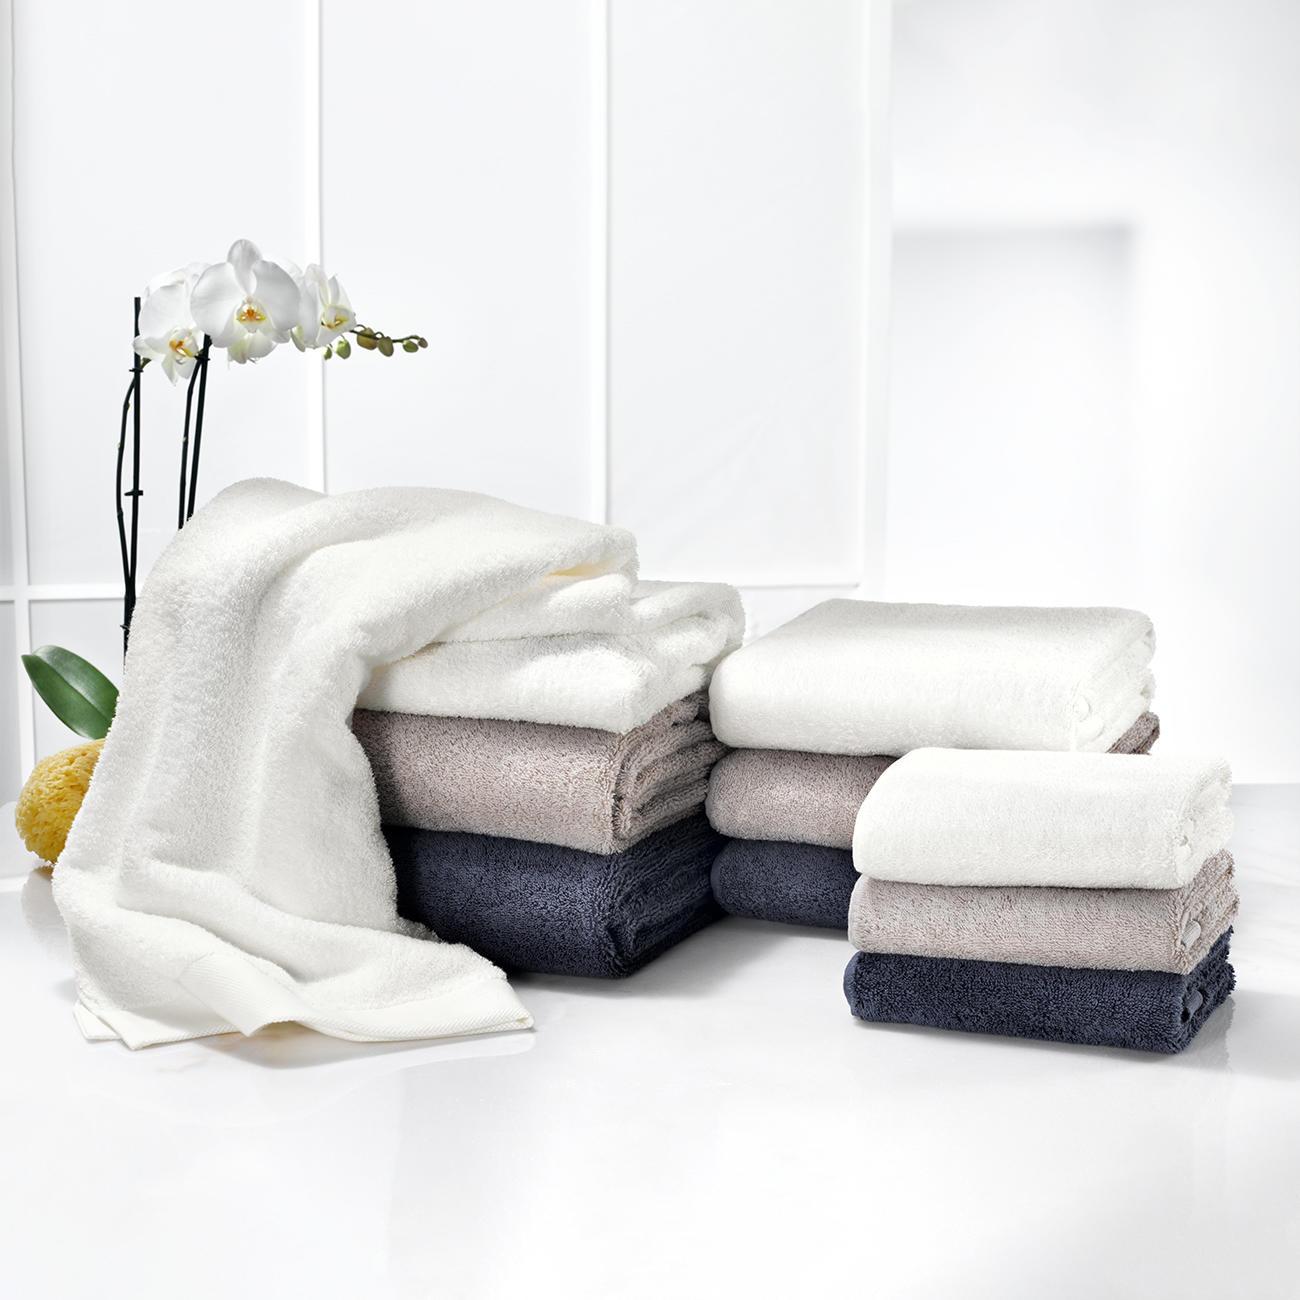 airdrop t cher 3 jahre garantie pro idee. Black Bedroom Furniture Sets. Home Design Ideas